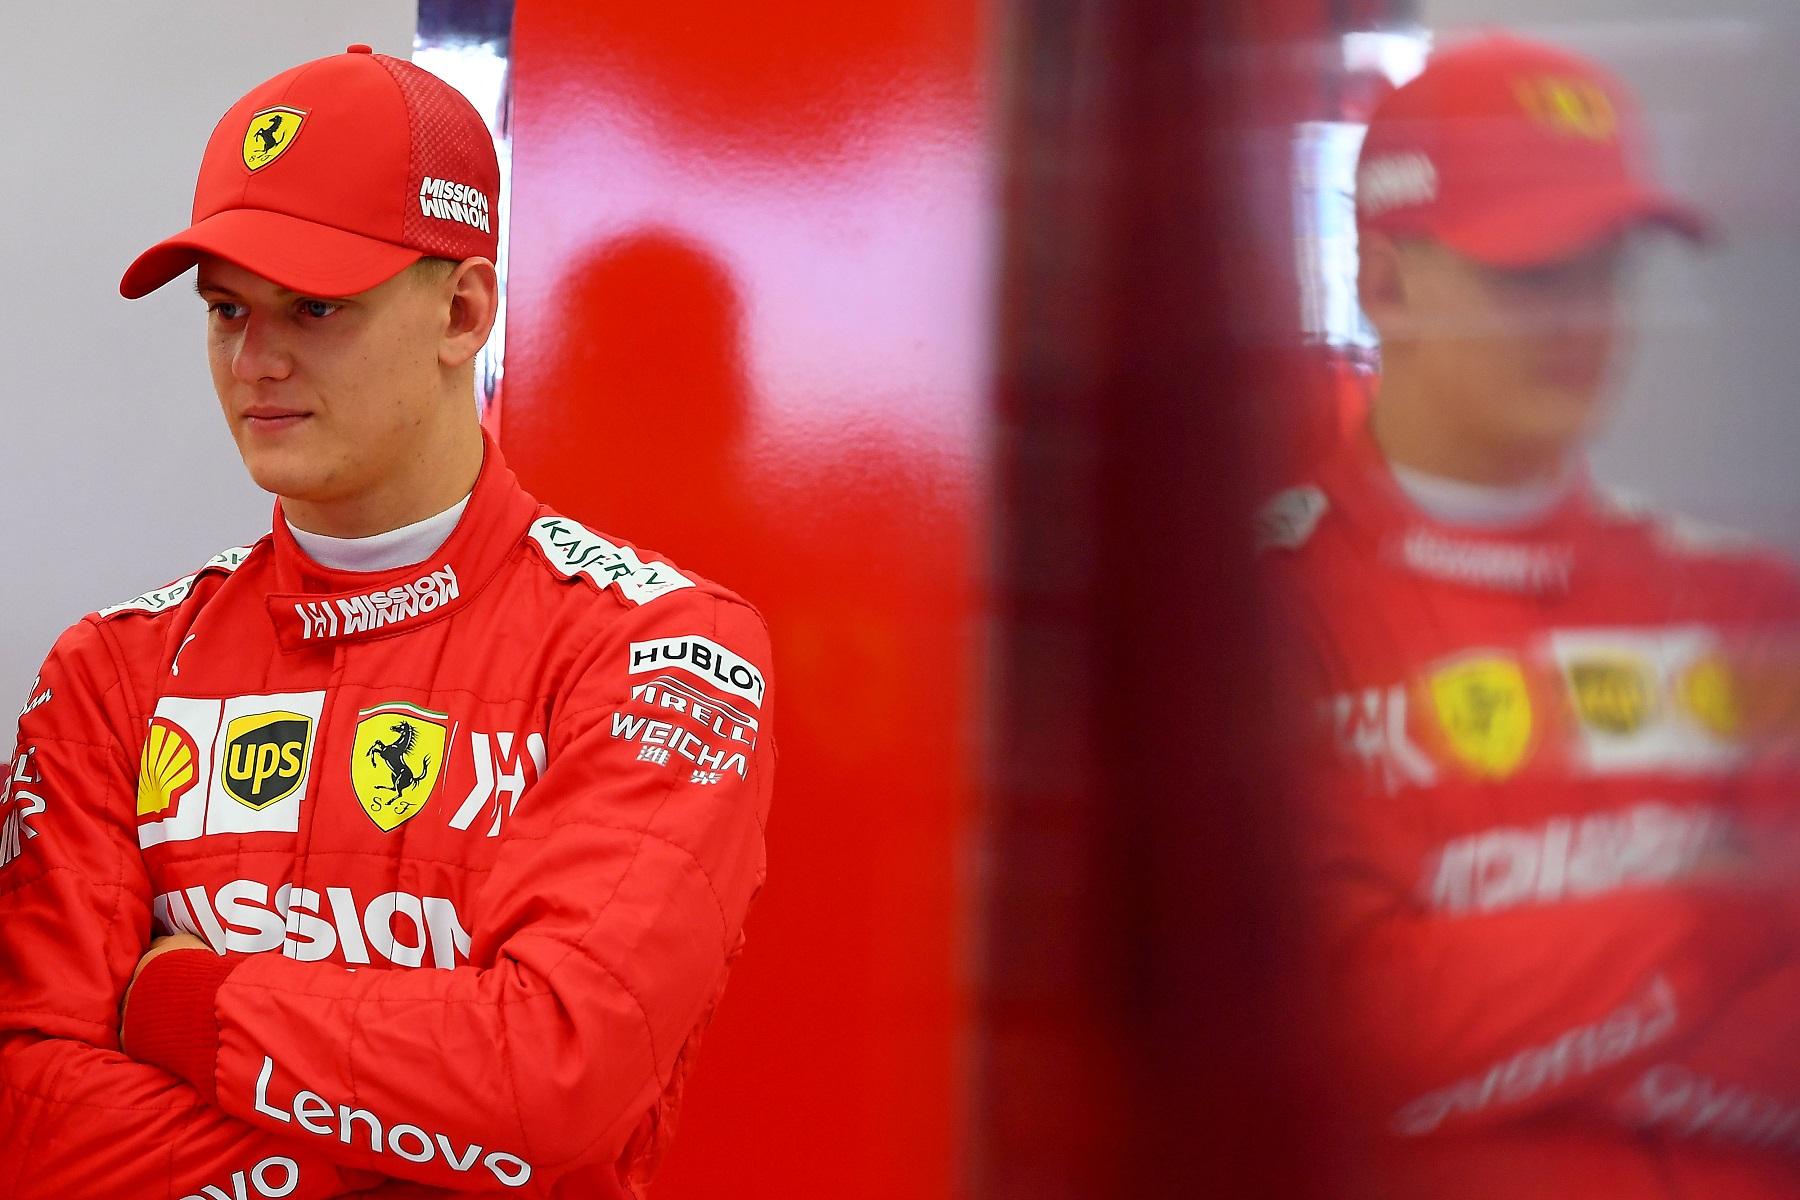 Официјалното деби во Formula 1 за Мик Шумахер на Нирбургринг